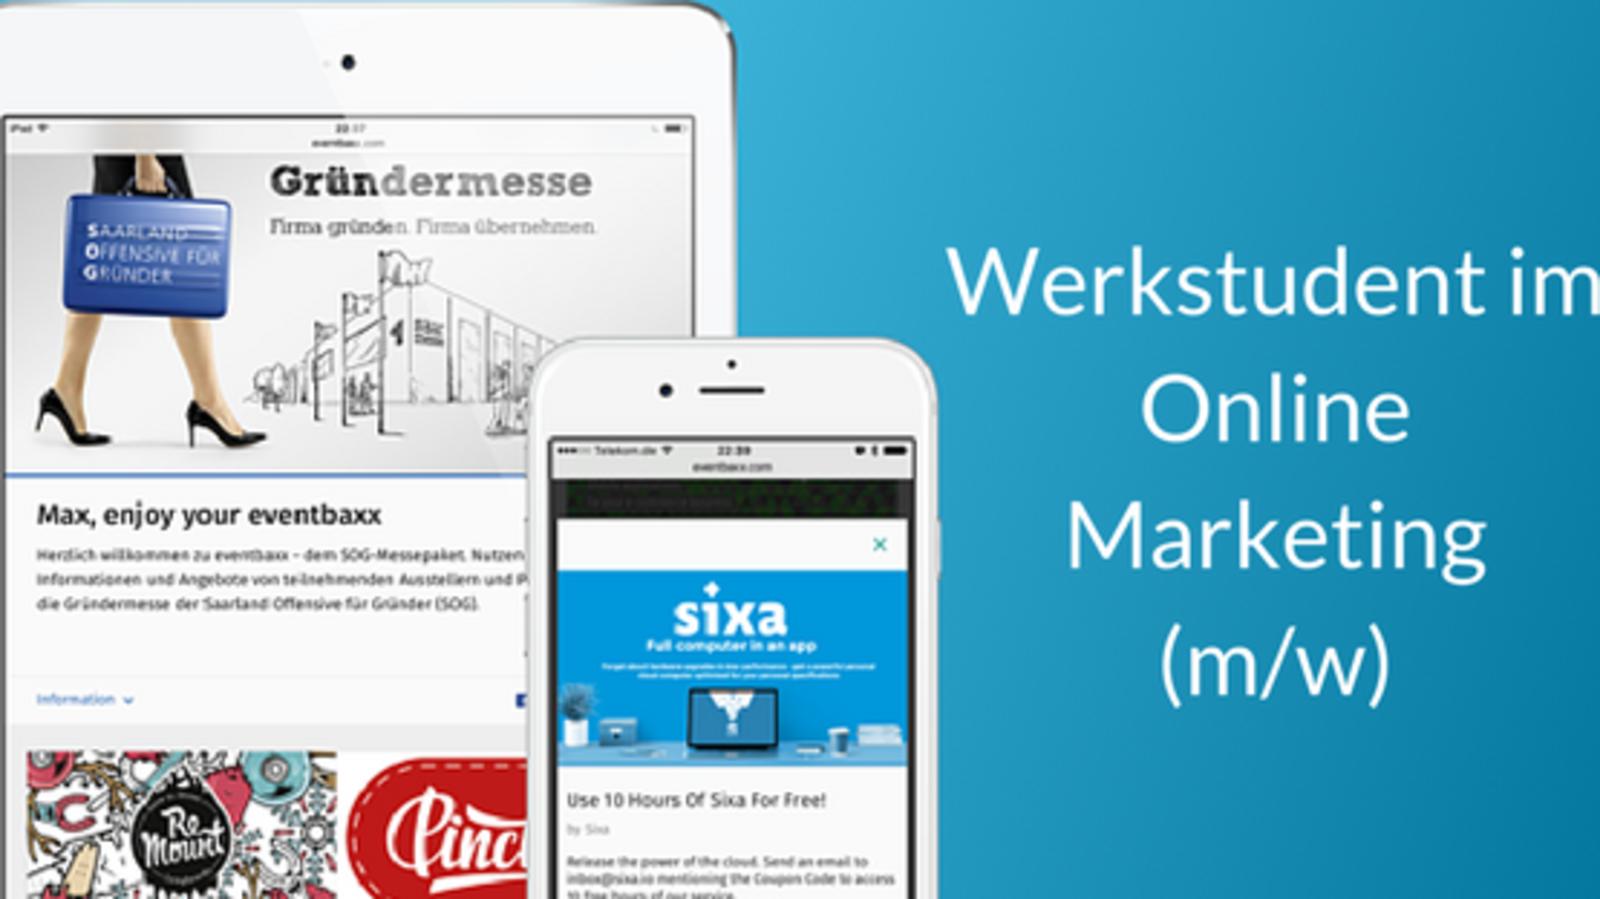 Werkstudent Online Marketing (m/w)